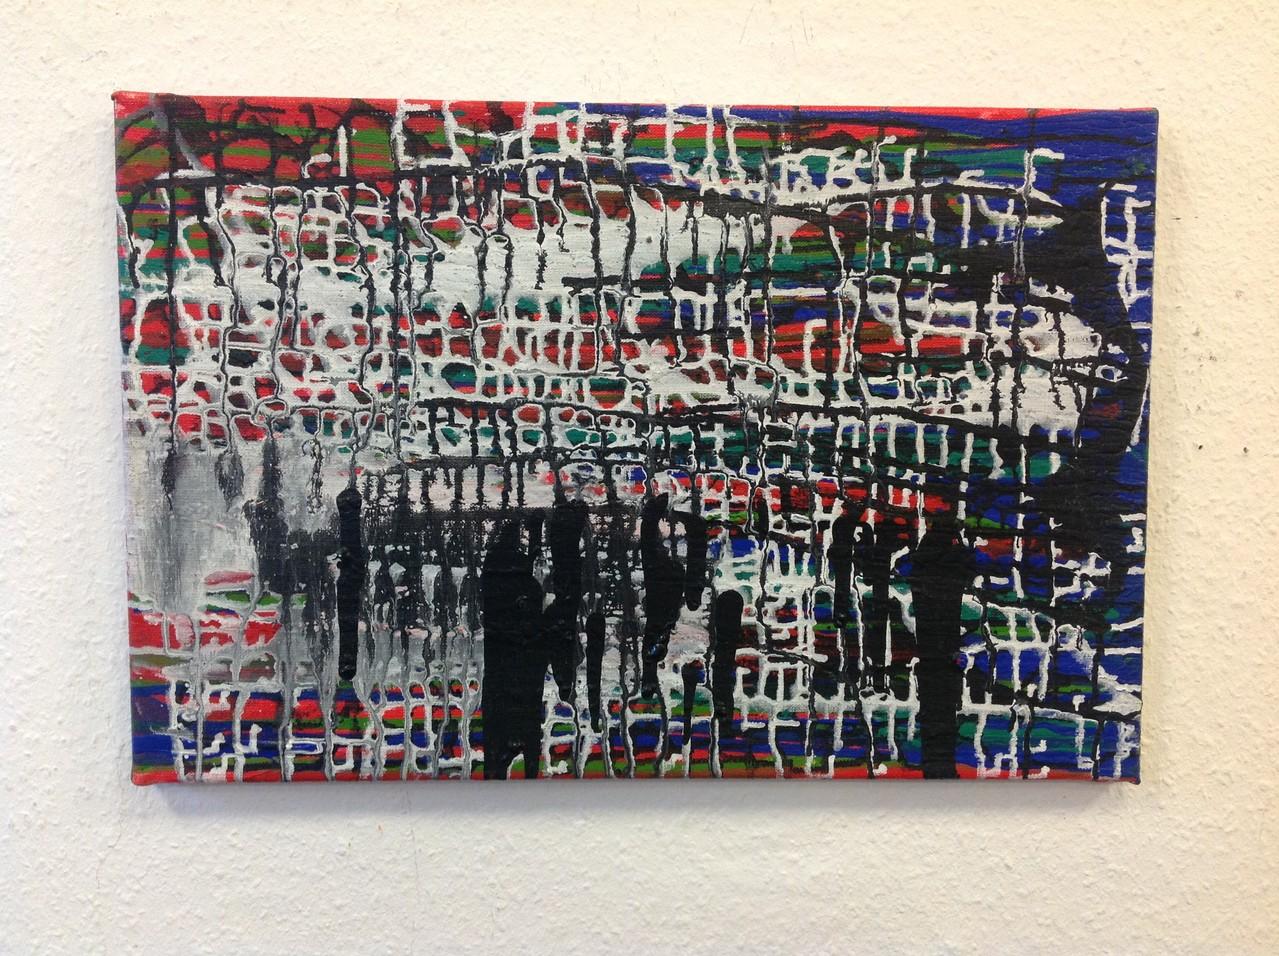 Lieselotte Radach, Acryl auf Leinwand, 30 x 40 cm